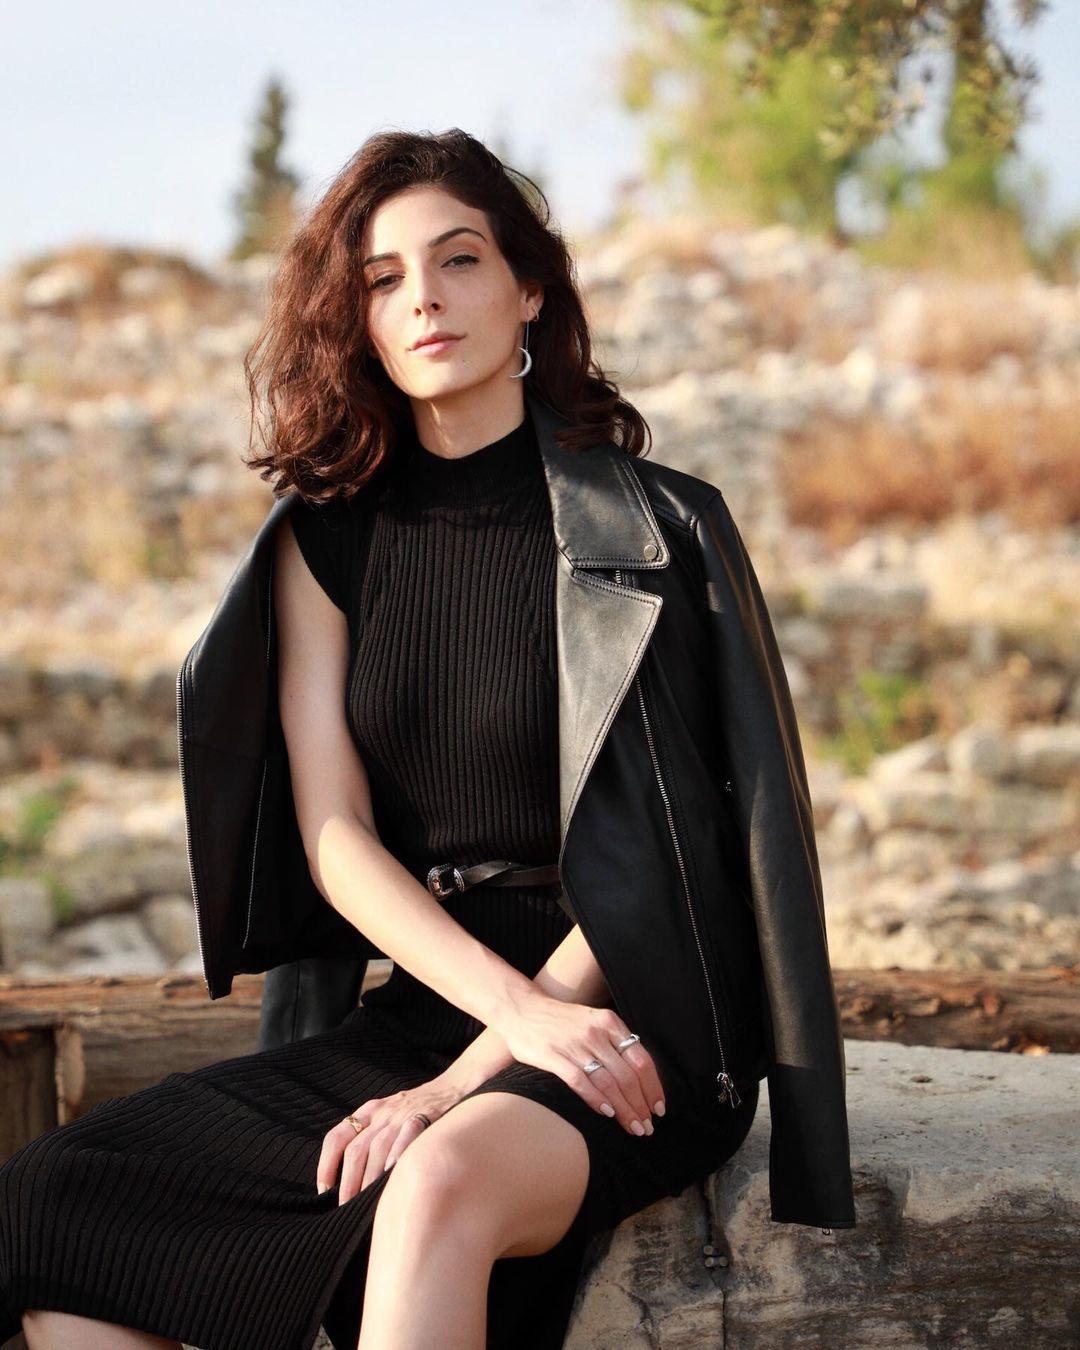 رزان-جمال-ممثلة-لبنانية